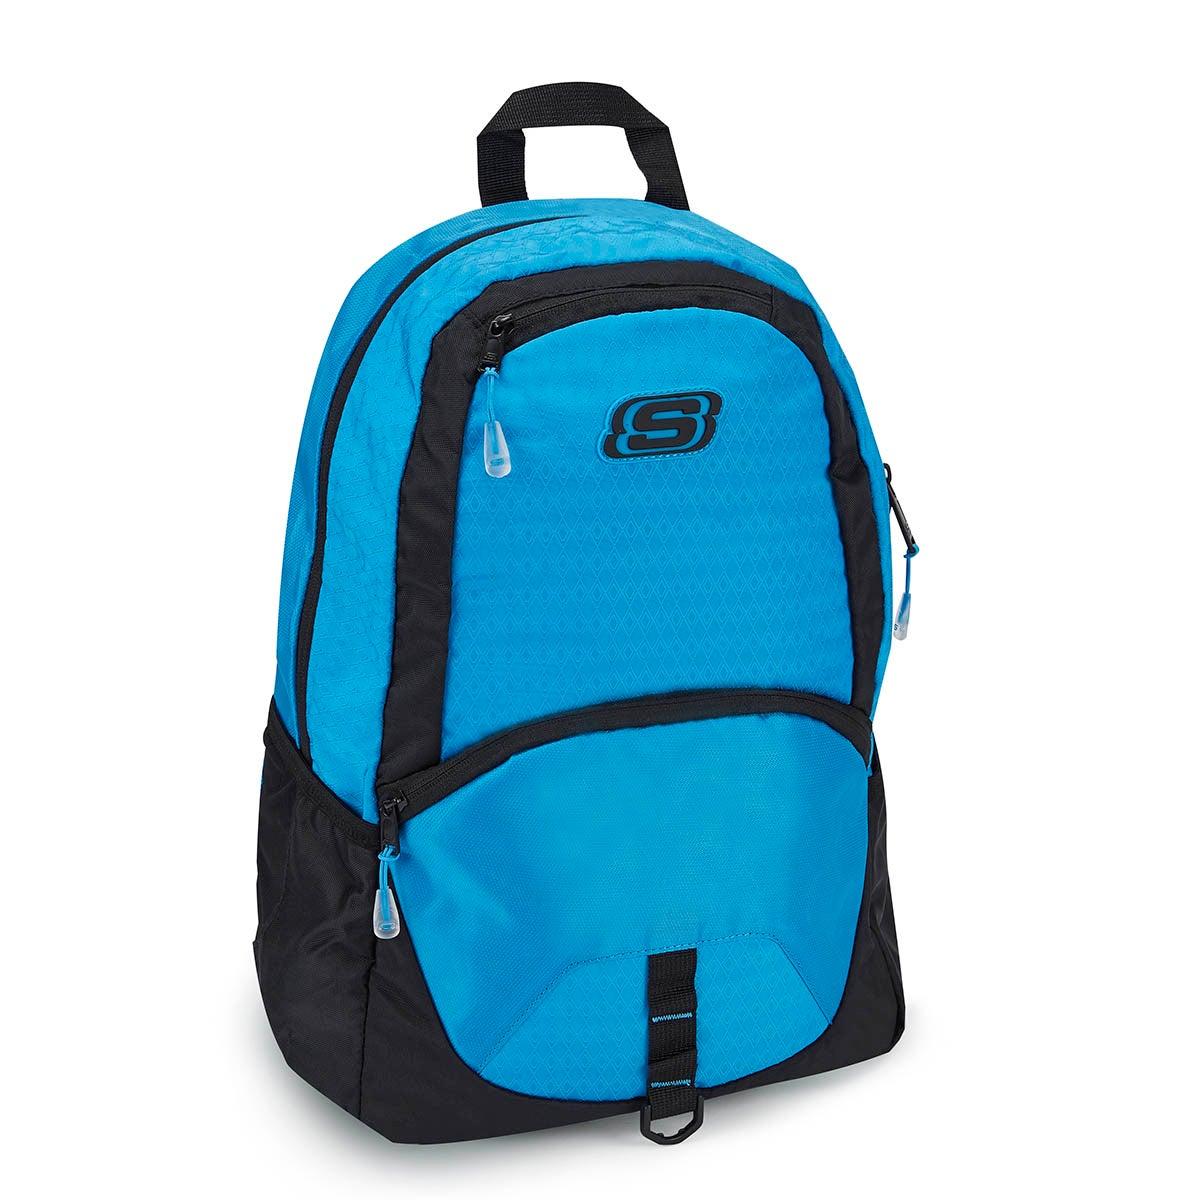 Kds Speedway Overdrive blue backpack